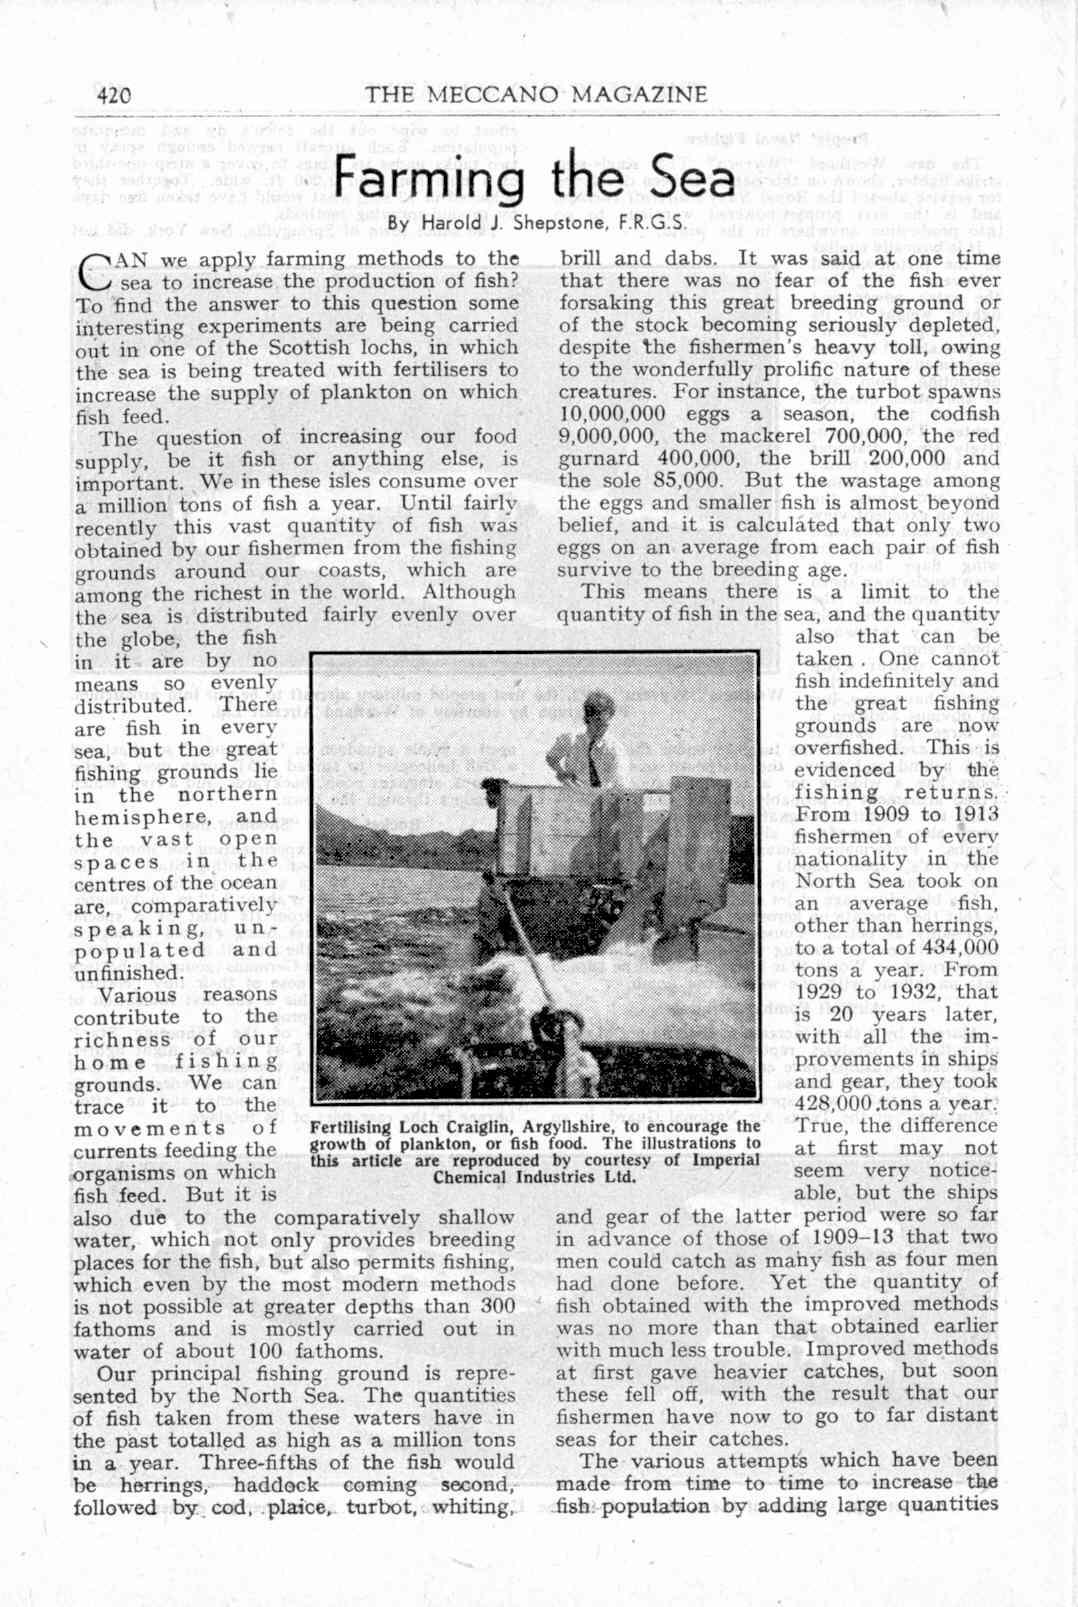 UK Meccano Magazine November 1949 Page 420